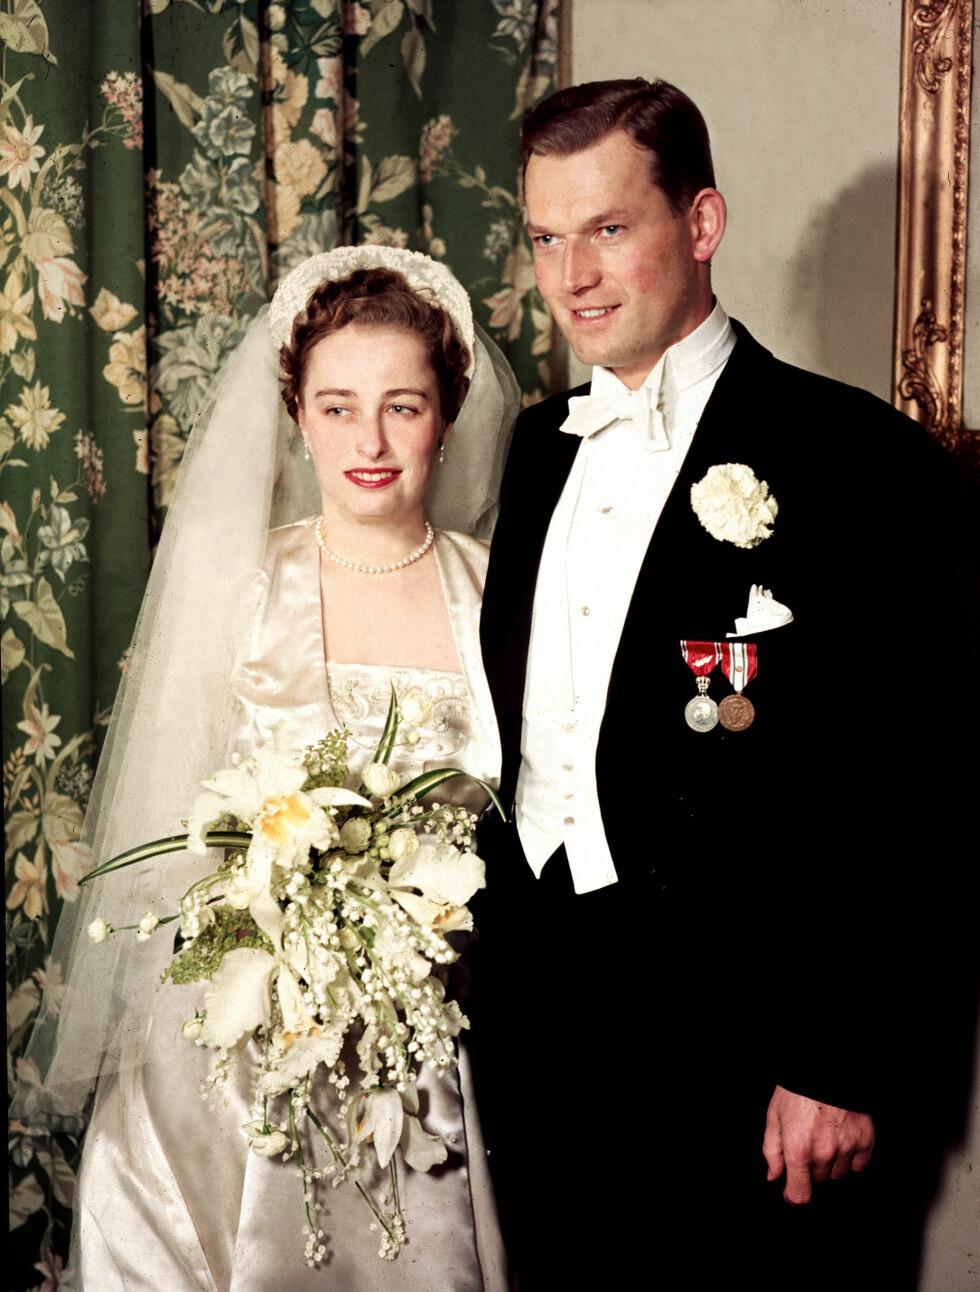 BRYLLUPET: Prinsesse Ragnhild gifter seg med skipsreder Erling Lorentzen 15. mai 1953. Prinsessen døde søndag i parets hjem i Rio de Janeiro, 82 år gammel.   Foto: NTB scanpix